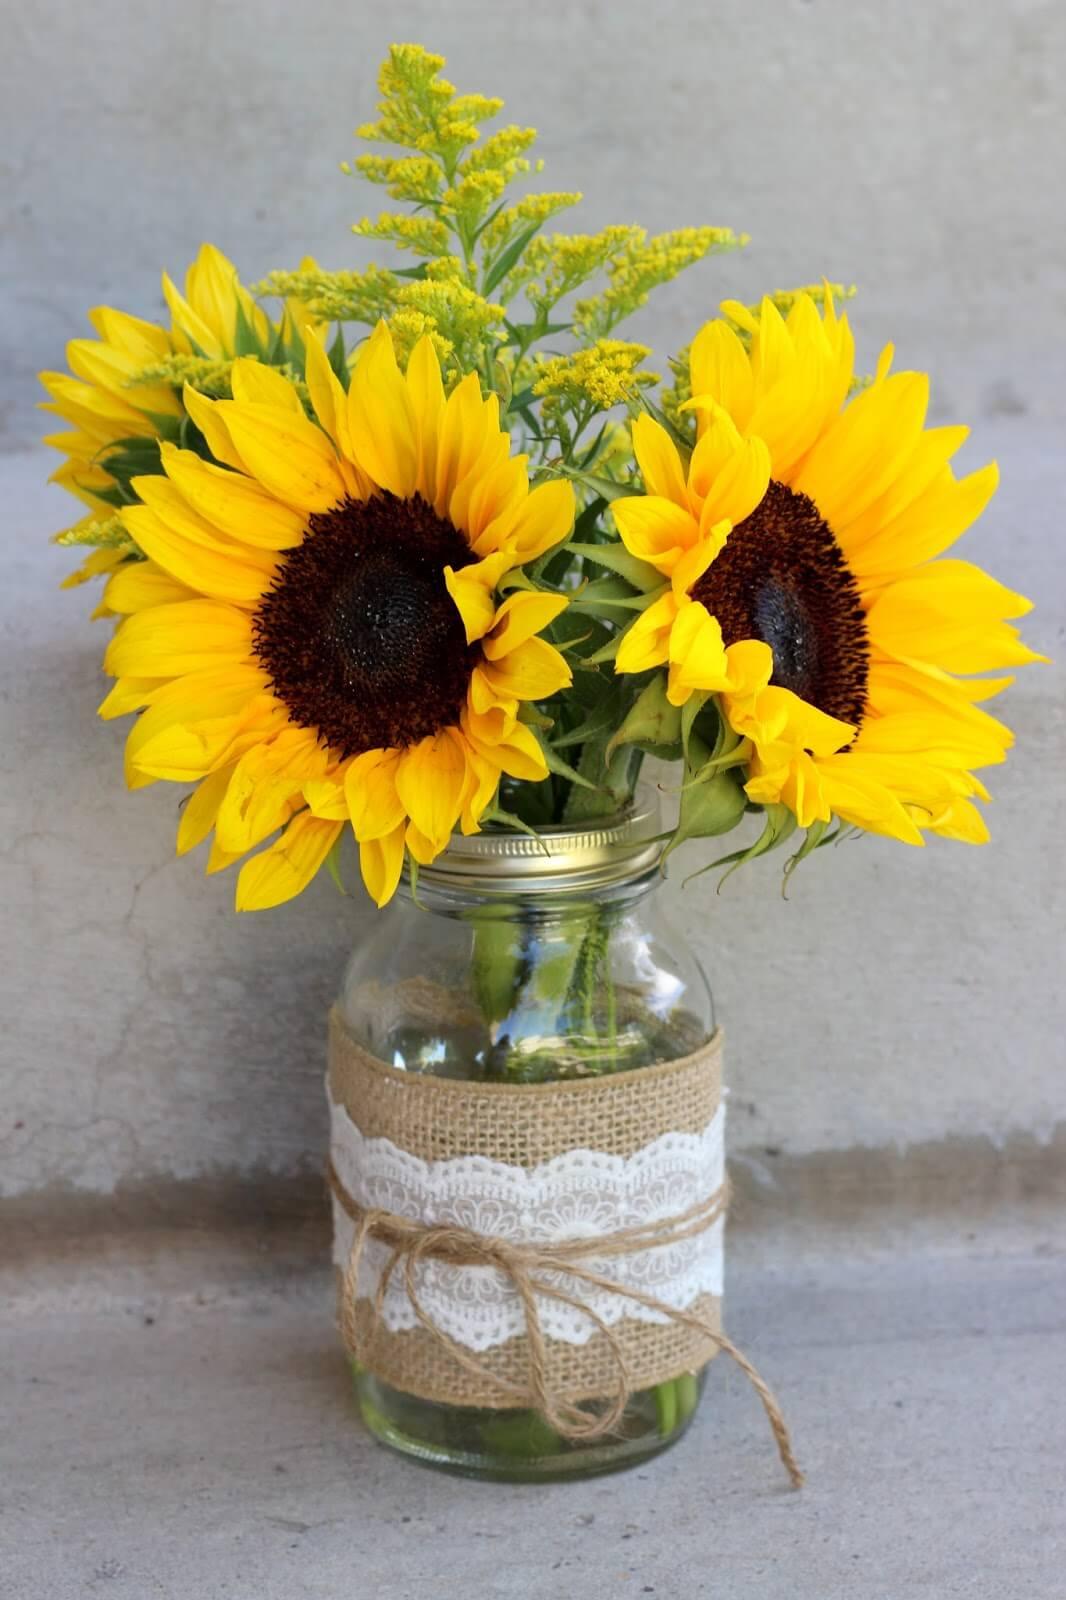 Burlap and Lace Sunflower Mason Jar Vase